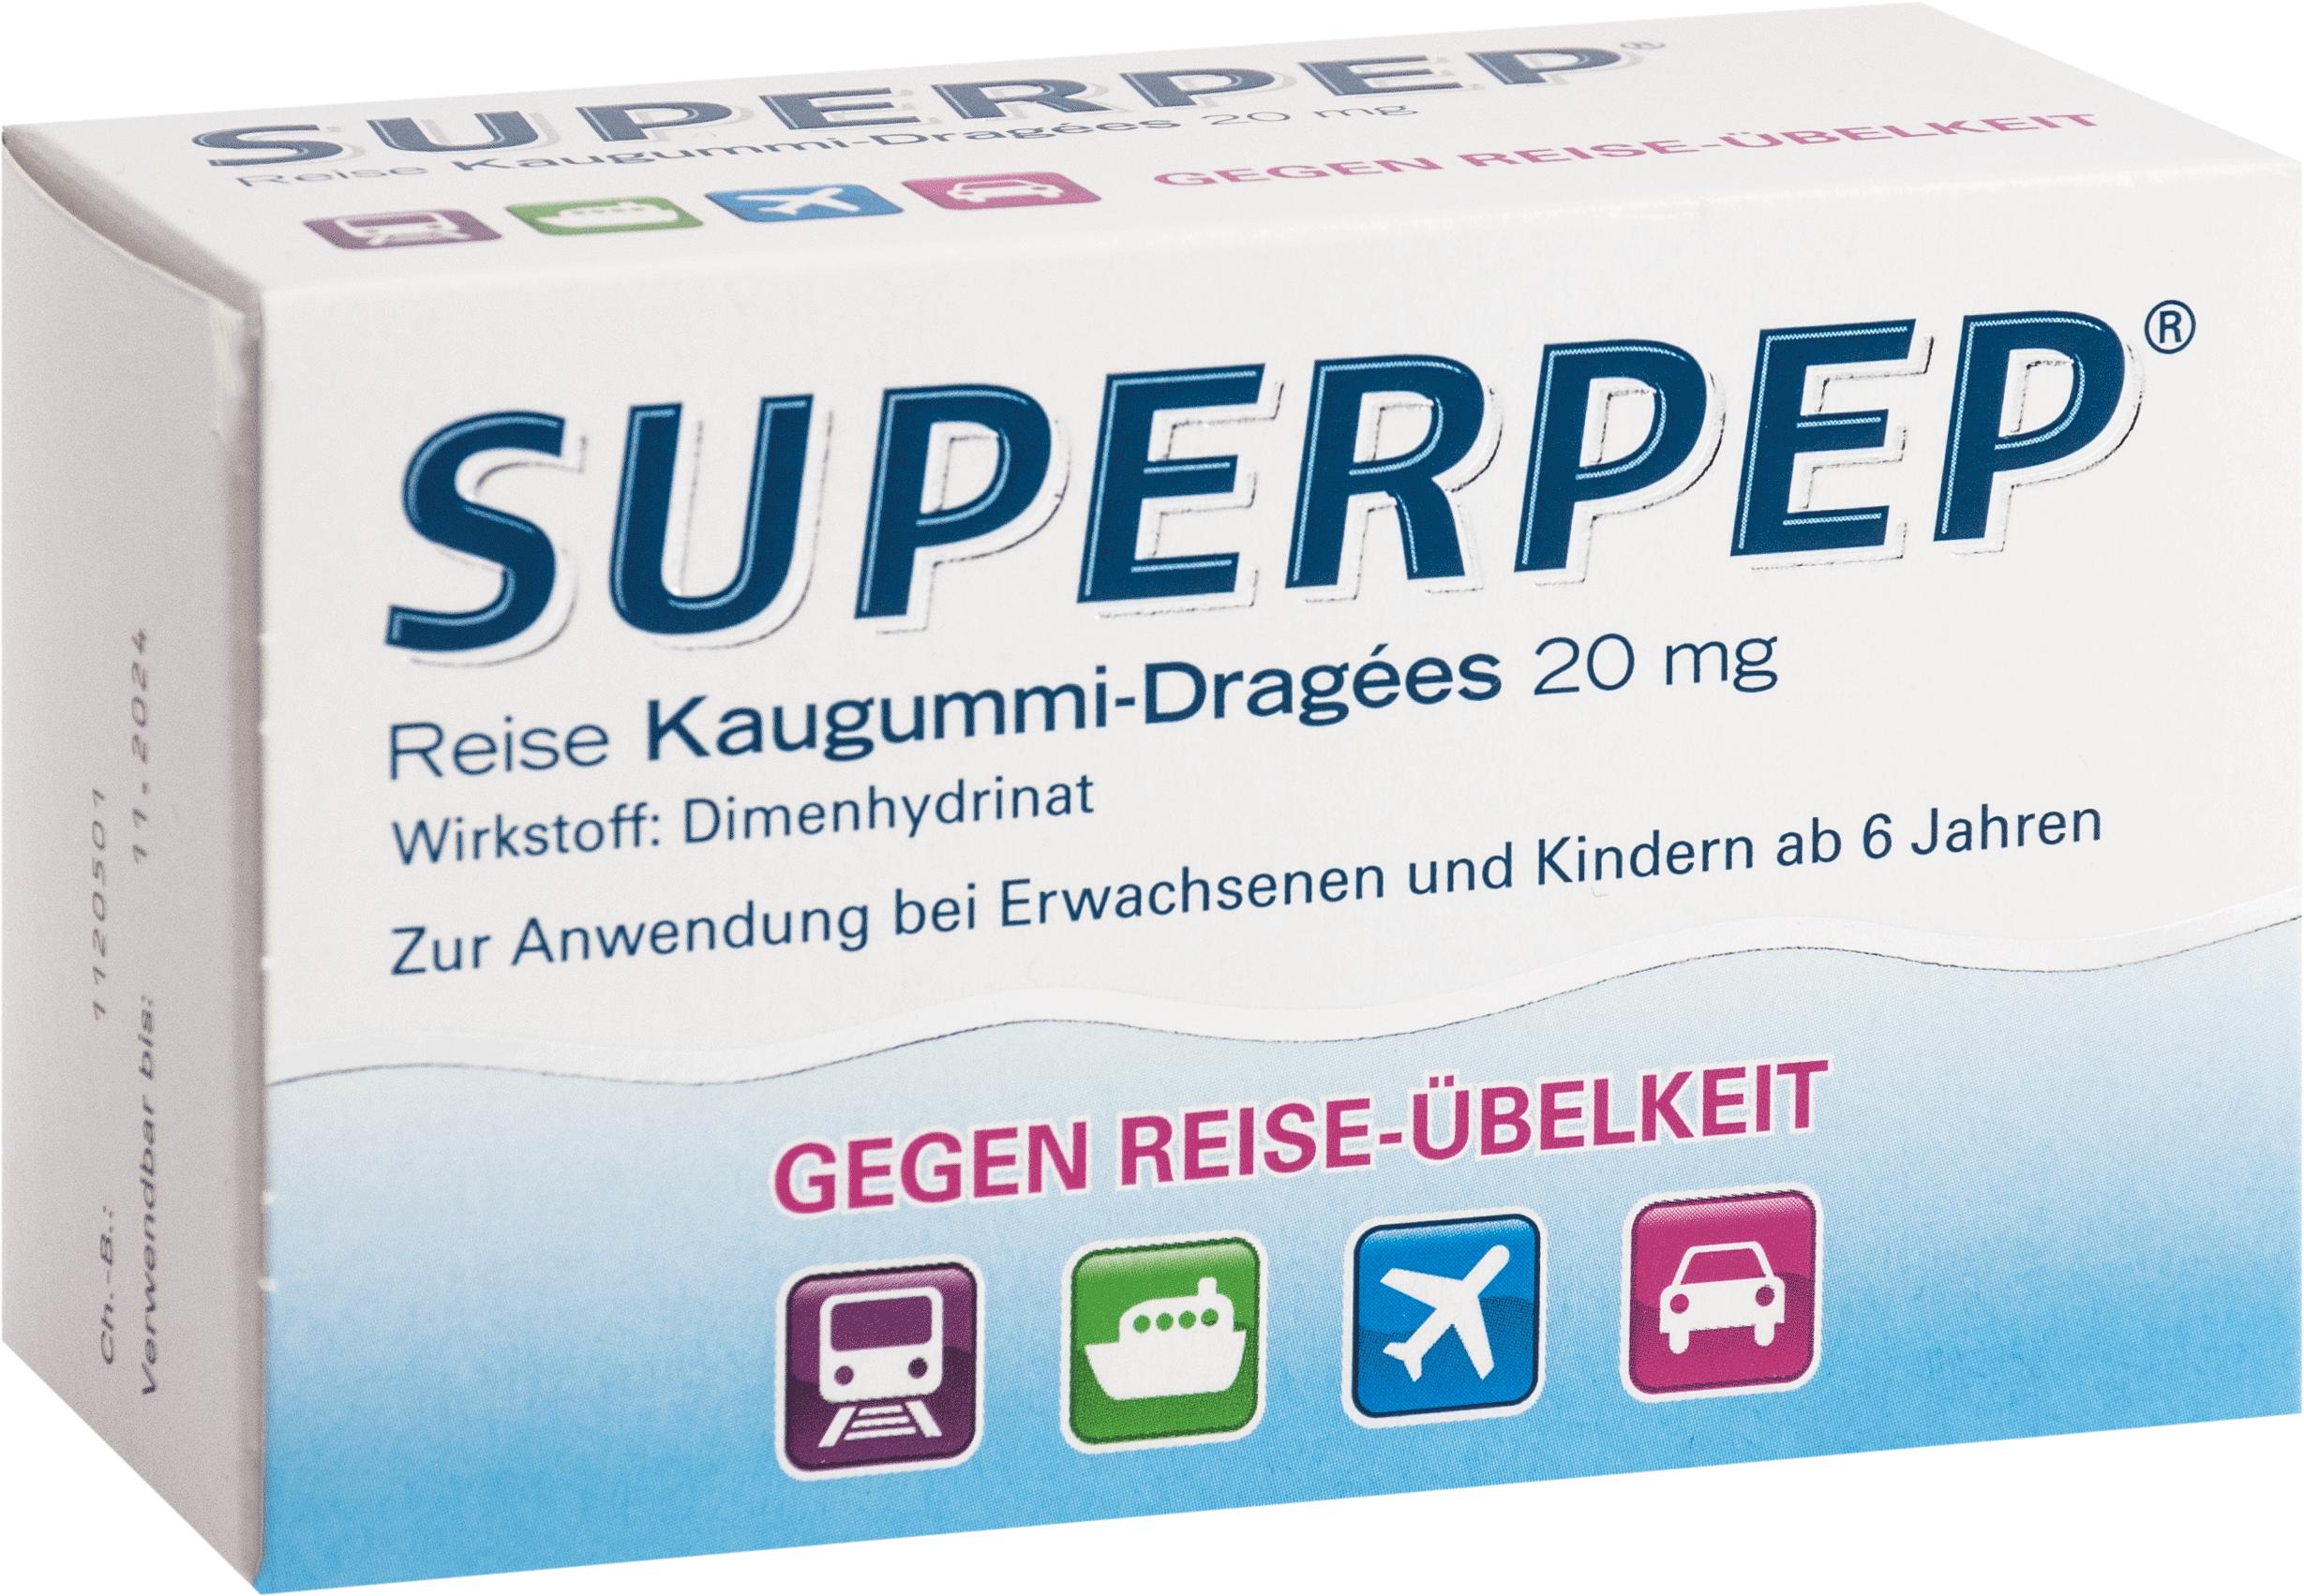 Superpep Reise Kaugummi-Dragees 20mg